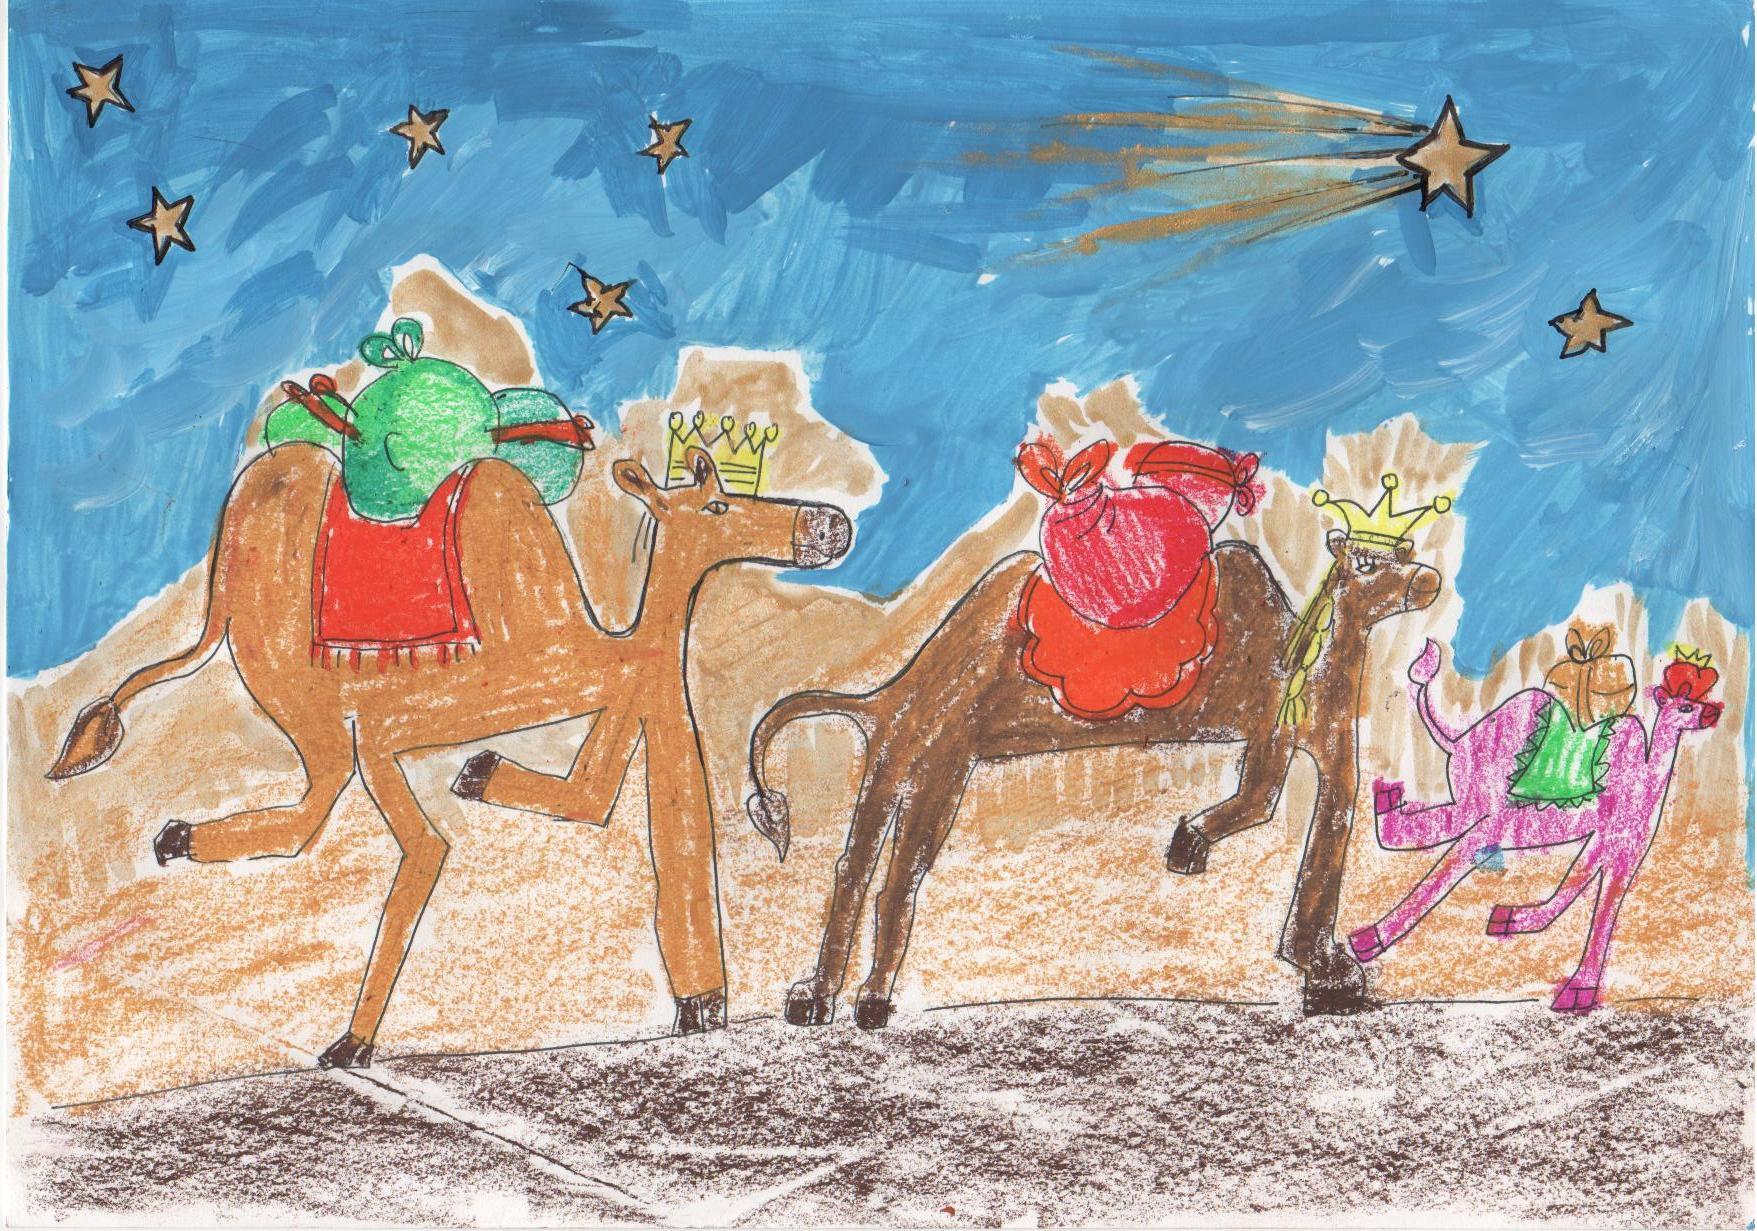 Dibujos De Navidad Hechos Por Ninos.Dibujo Sobre La Navidad Realizado Por Juan Luis En Su